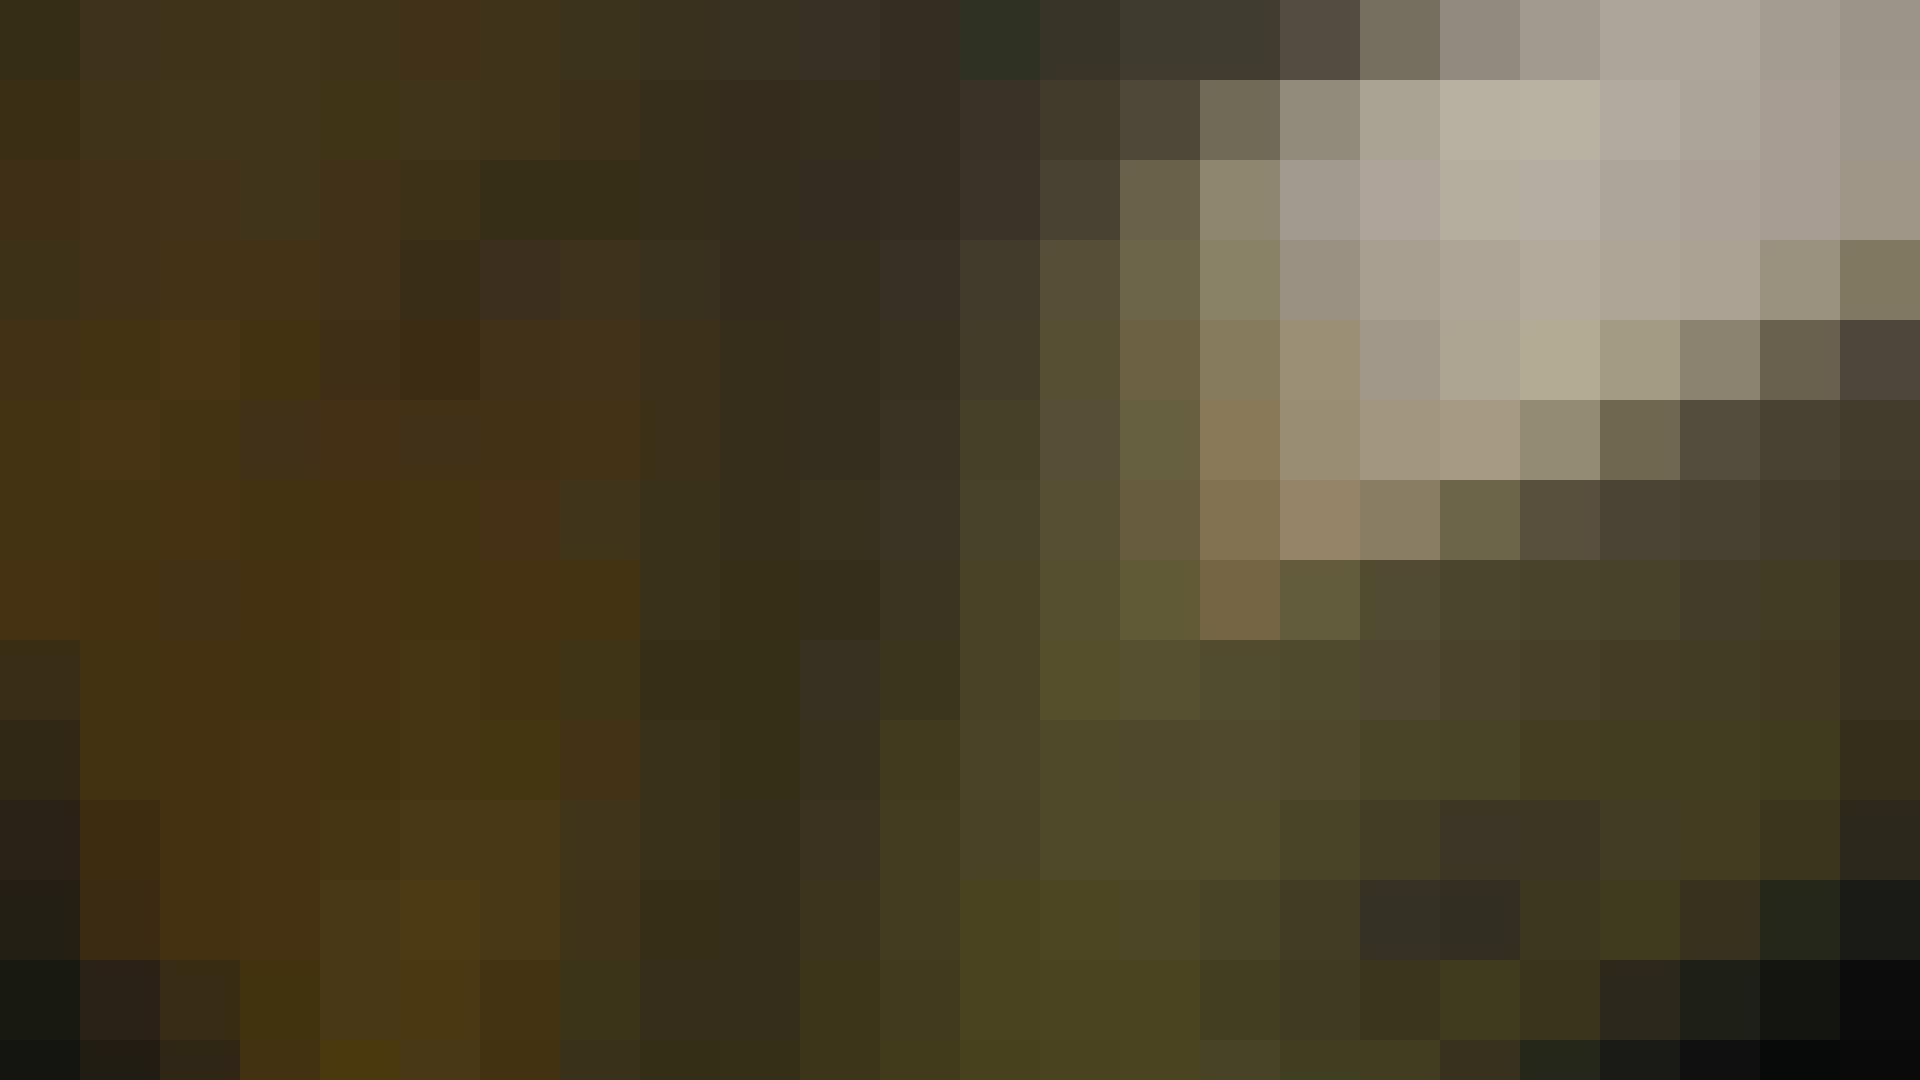 阿国ちゃんの「和式洋式七変化」No.18 iBO(フタコブ) 和式 盗撮 110PIX 82